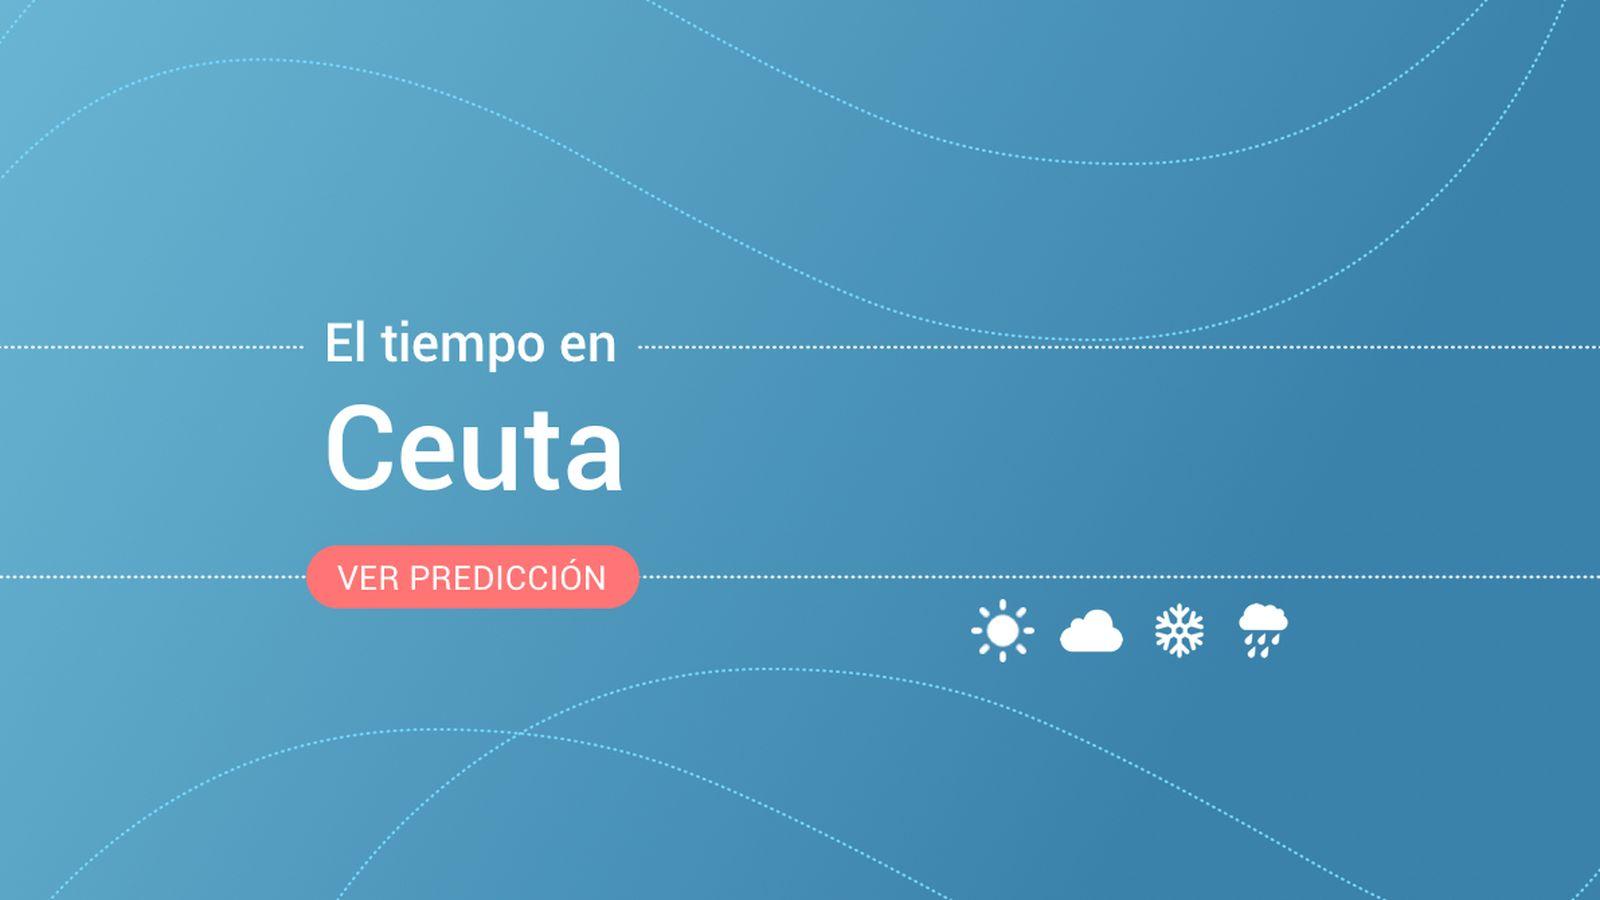 Foto: El tiempo en Ceuta. (EC)